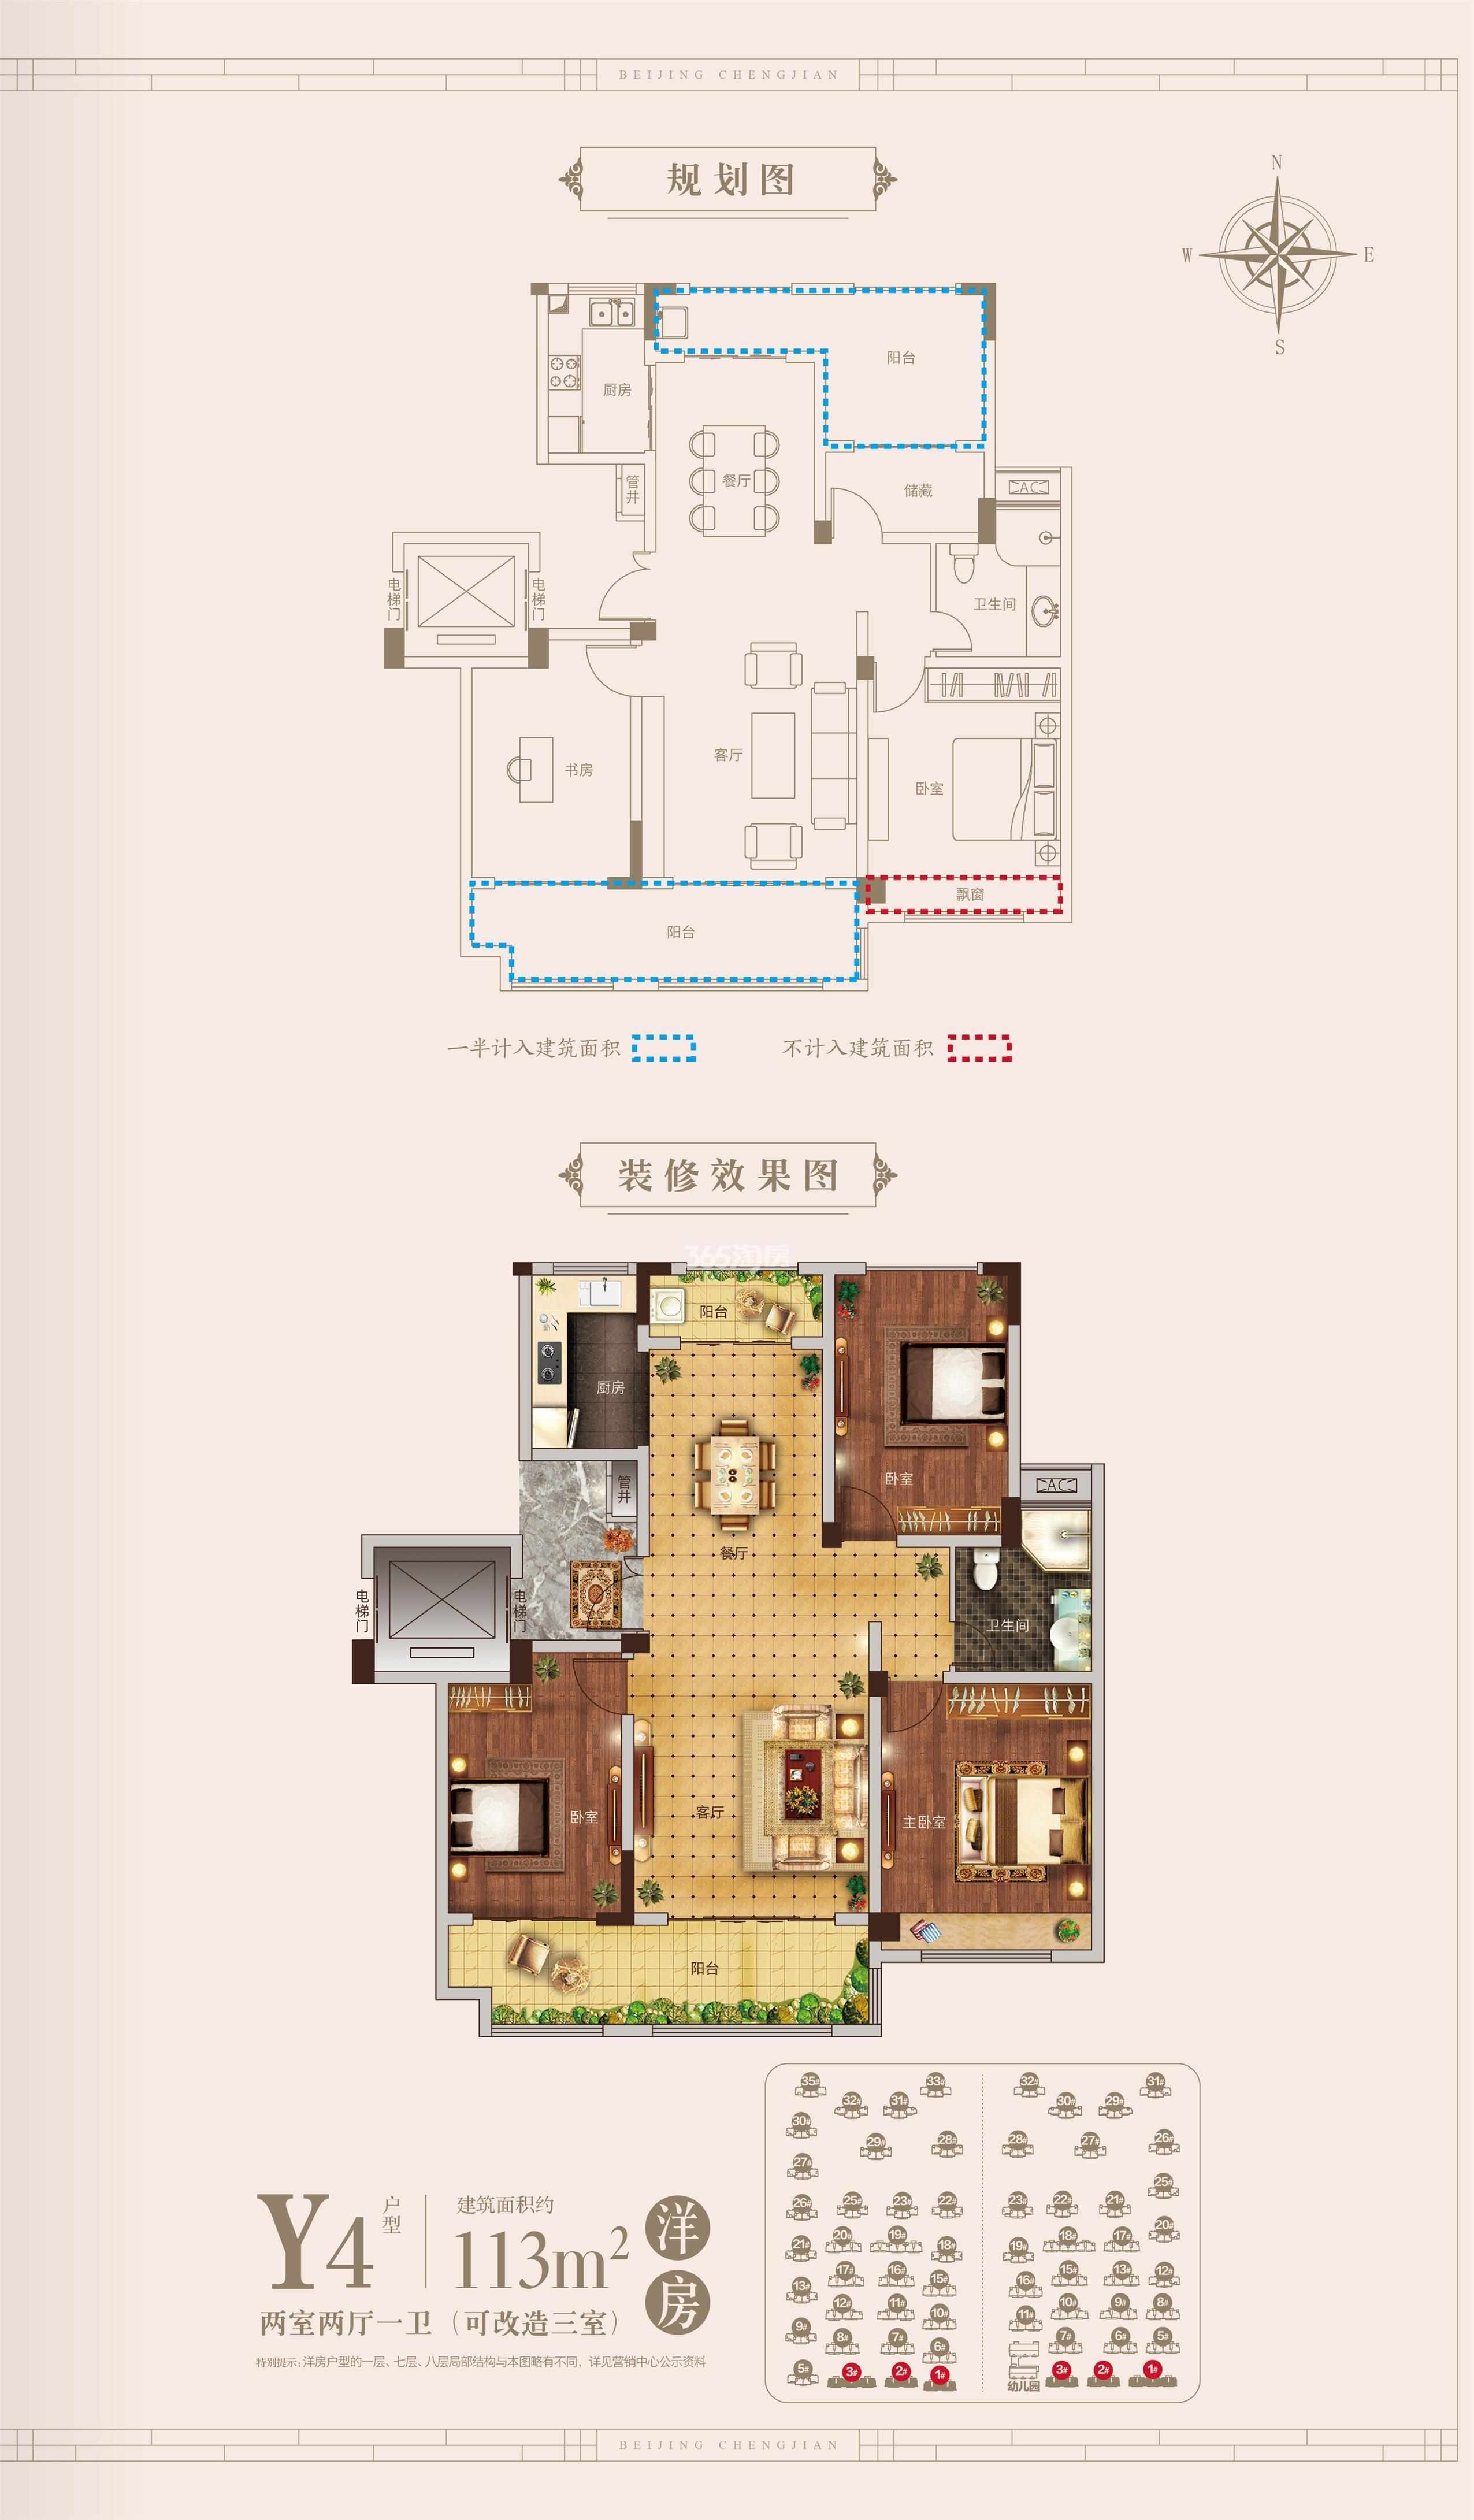 北京城建·珑樾华府113㎡户型图